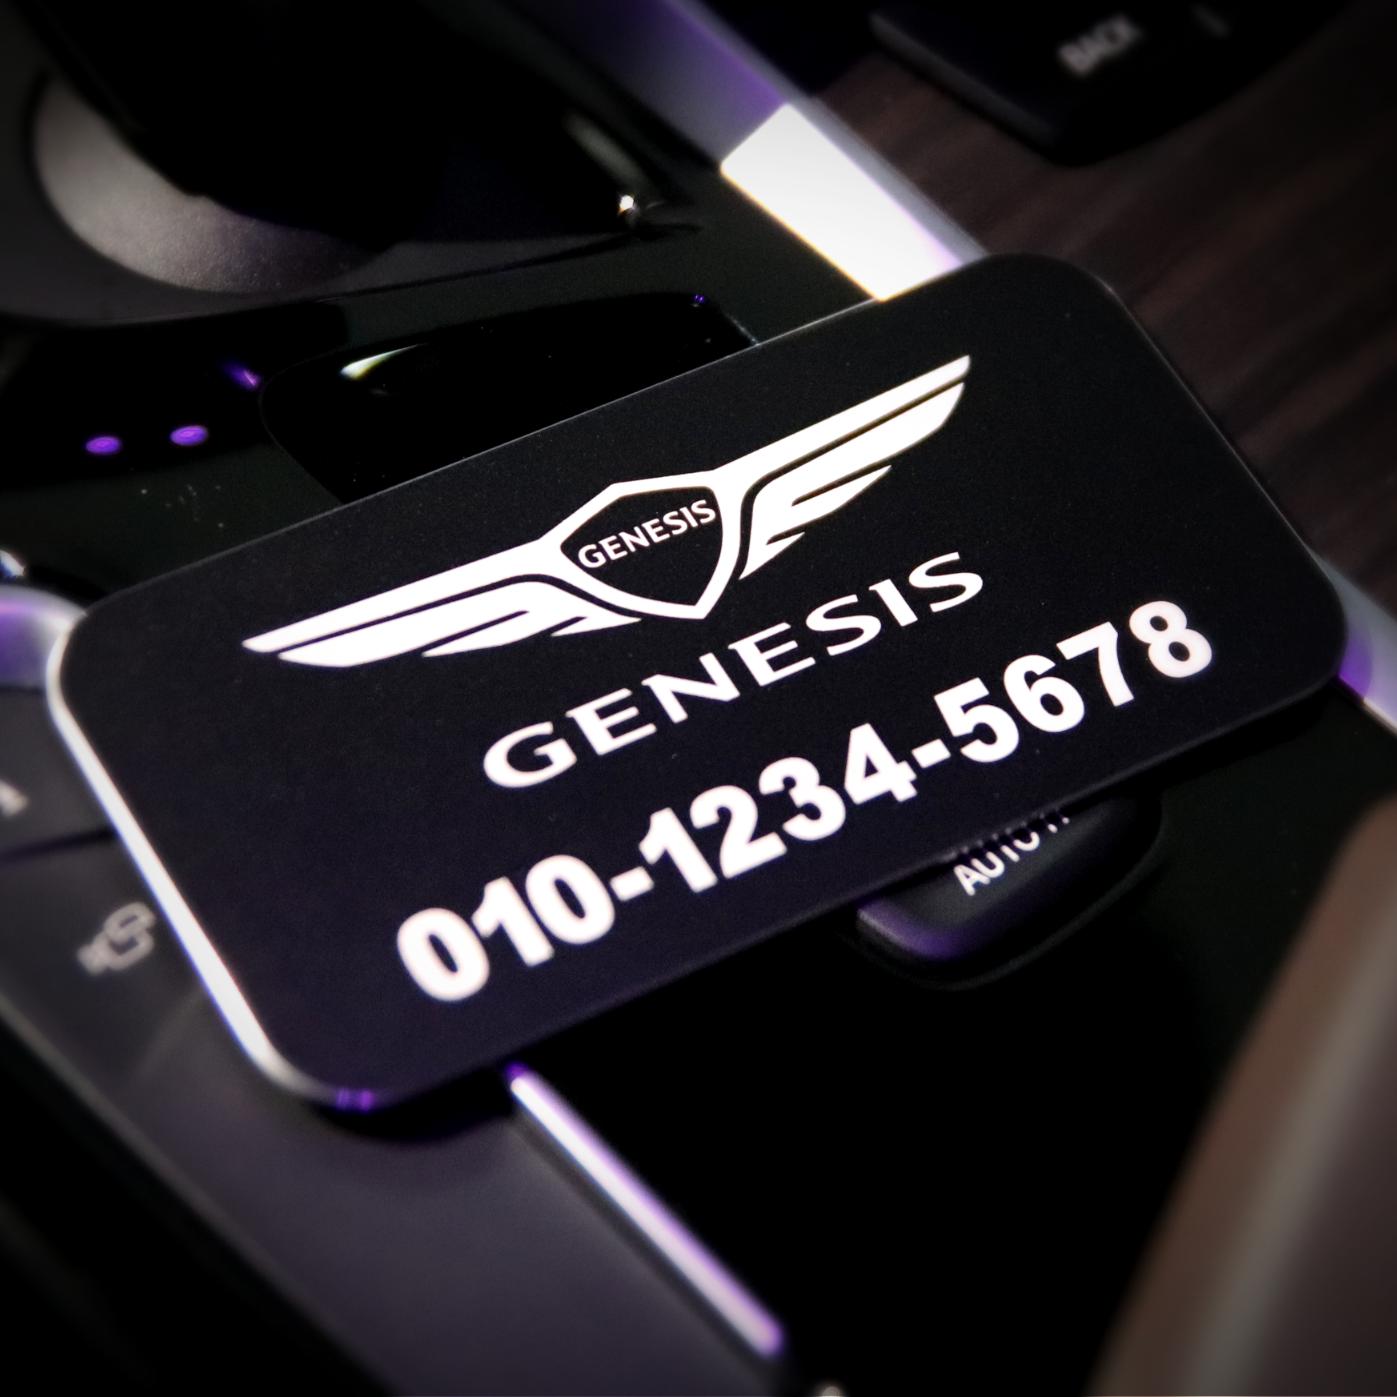 W.S.A 주차번호판 제네시스주차번호판 현대 기아 BMW 벤츠 테슬라 볼보 아우디 그랜저 카니발 g70 g80 gv80 펠리세이드 투싼 쏘렌토 차량 자동차 전화 번호판, 블랙